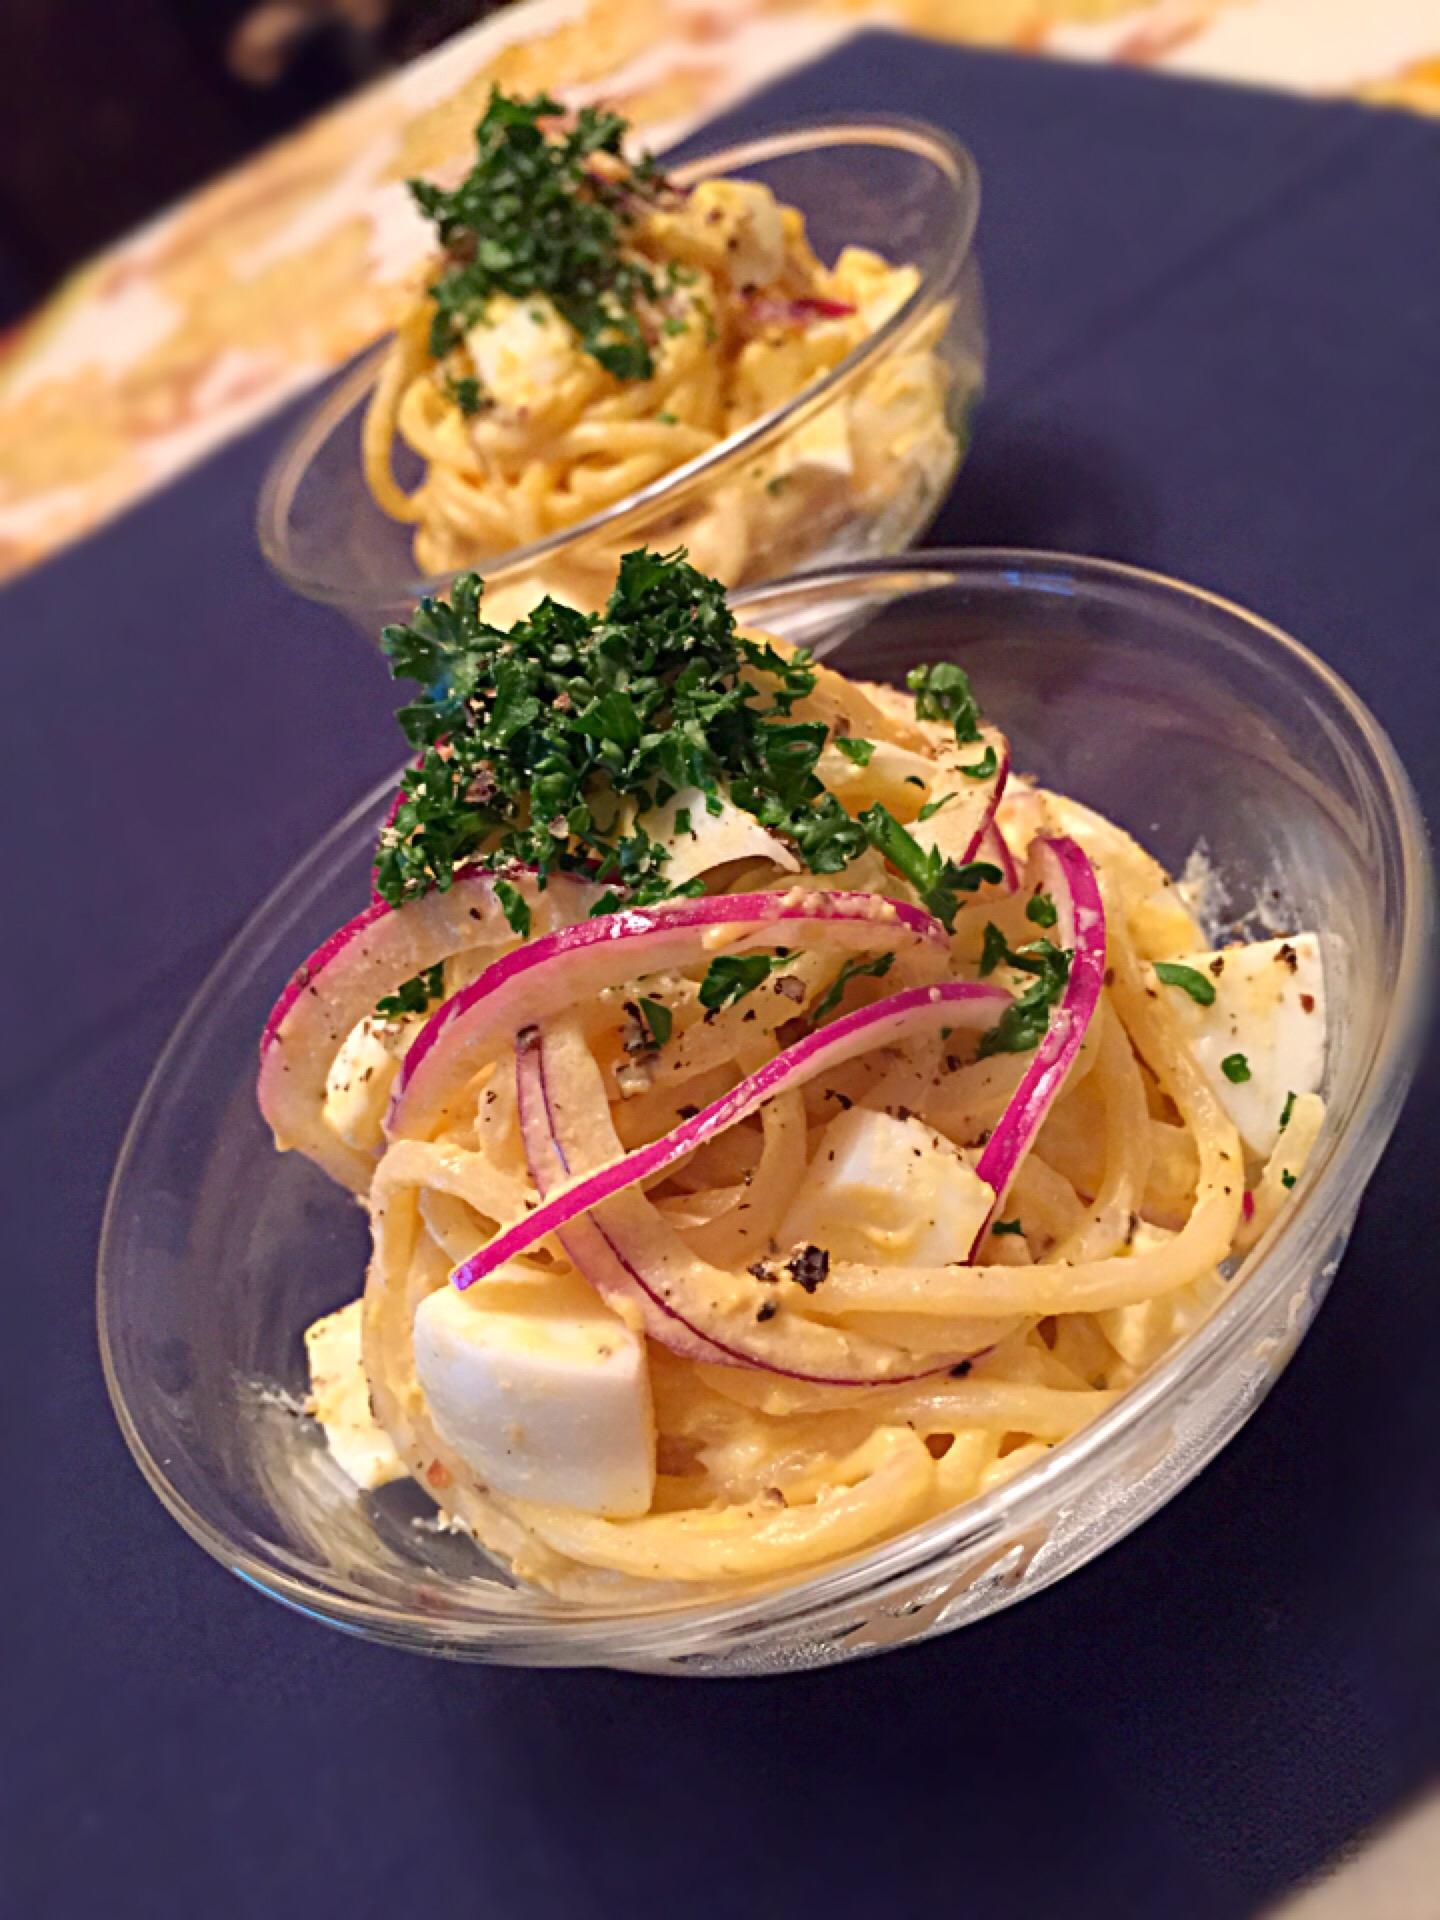 ゆで卵とスパゲティーのパセリサラダ *ଘ(੭*ˊᵕˋ)੭* ੈ✩‧₊˚